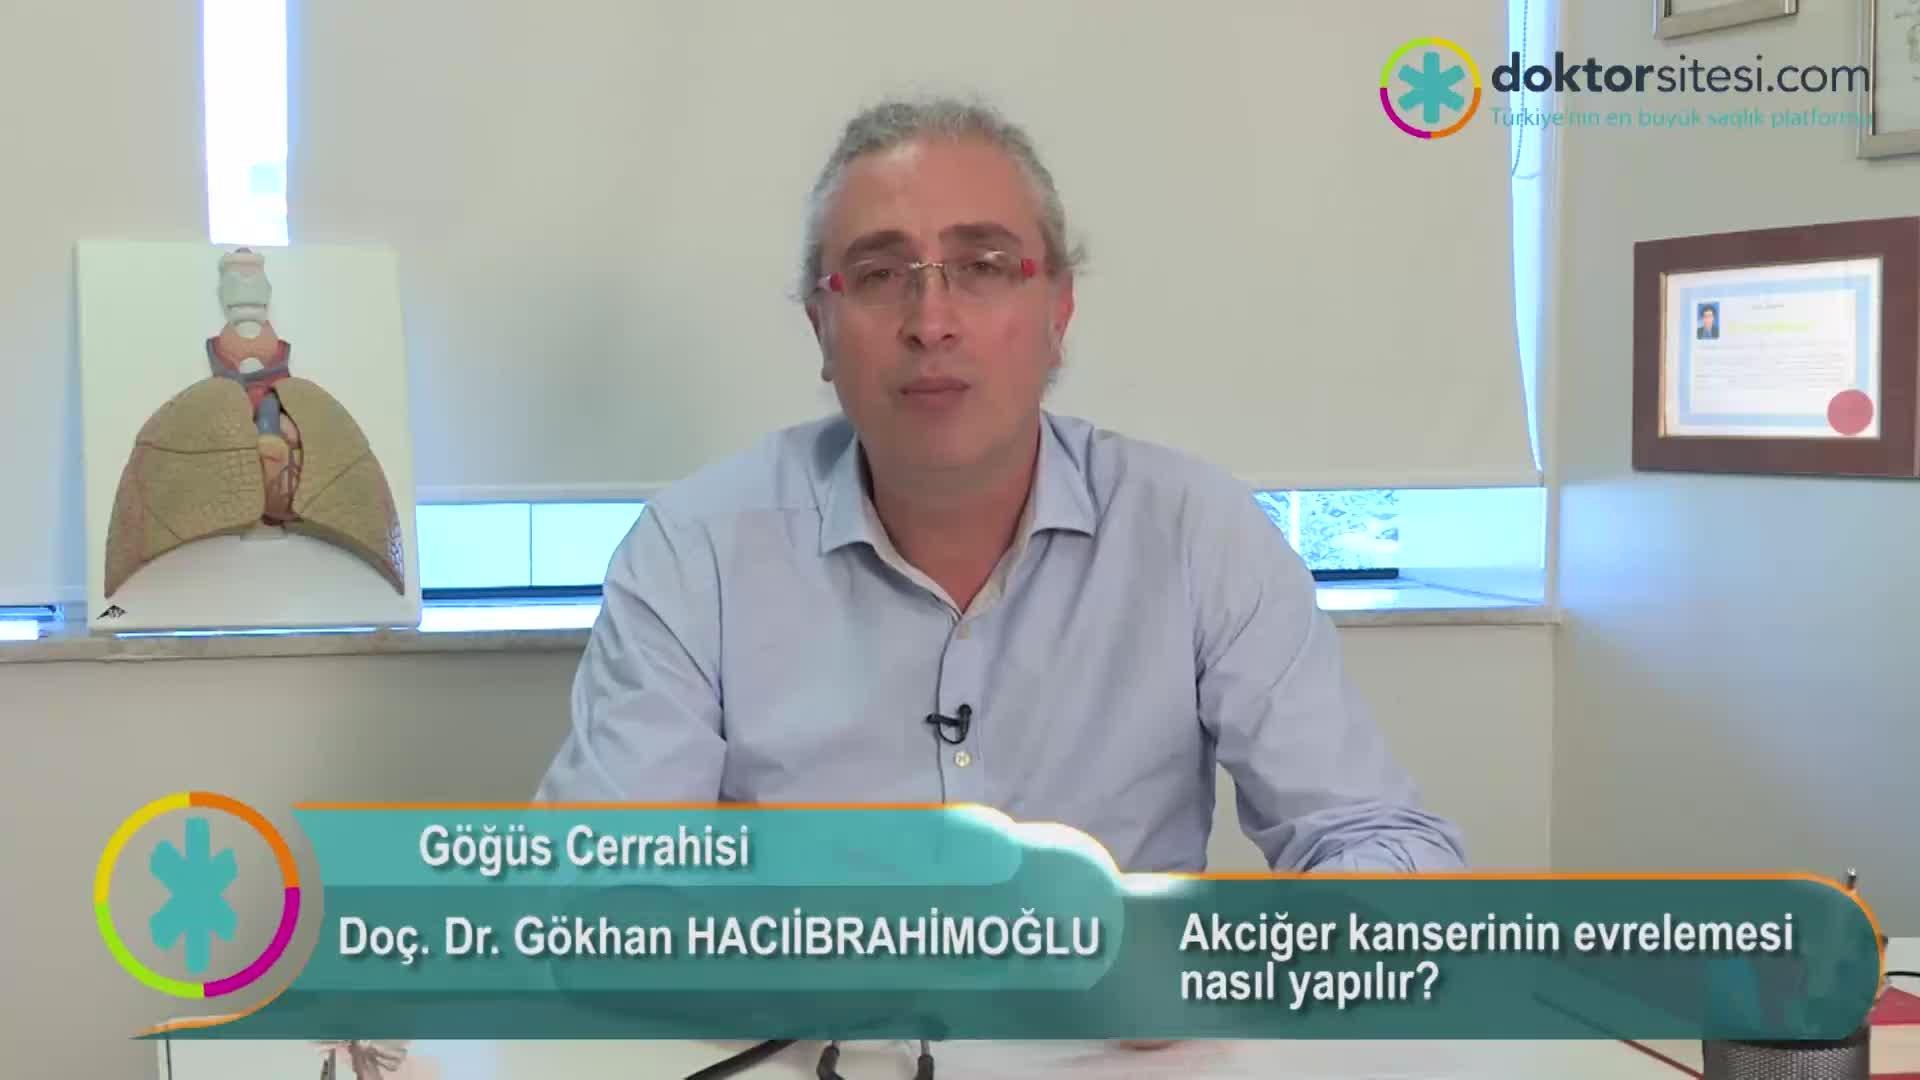 """Akciğer kanserinin evrelemesi nasıl yapılır? """"Prof. Dr. Gökhan  HACIIBRAHIMOĞLU"""""""